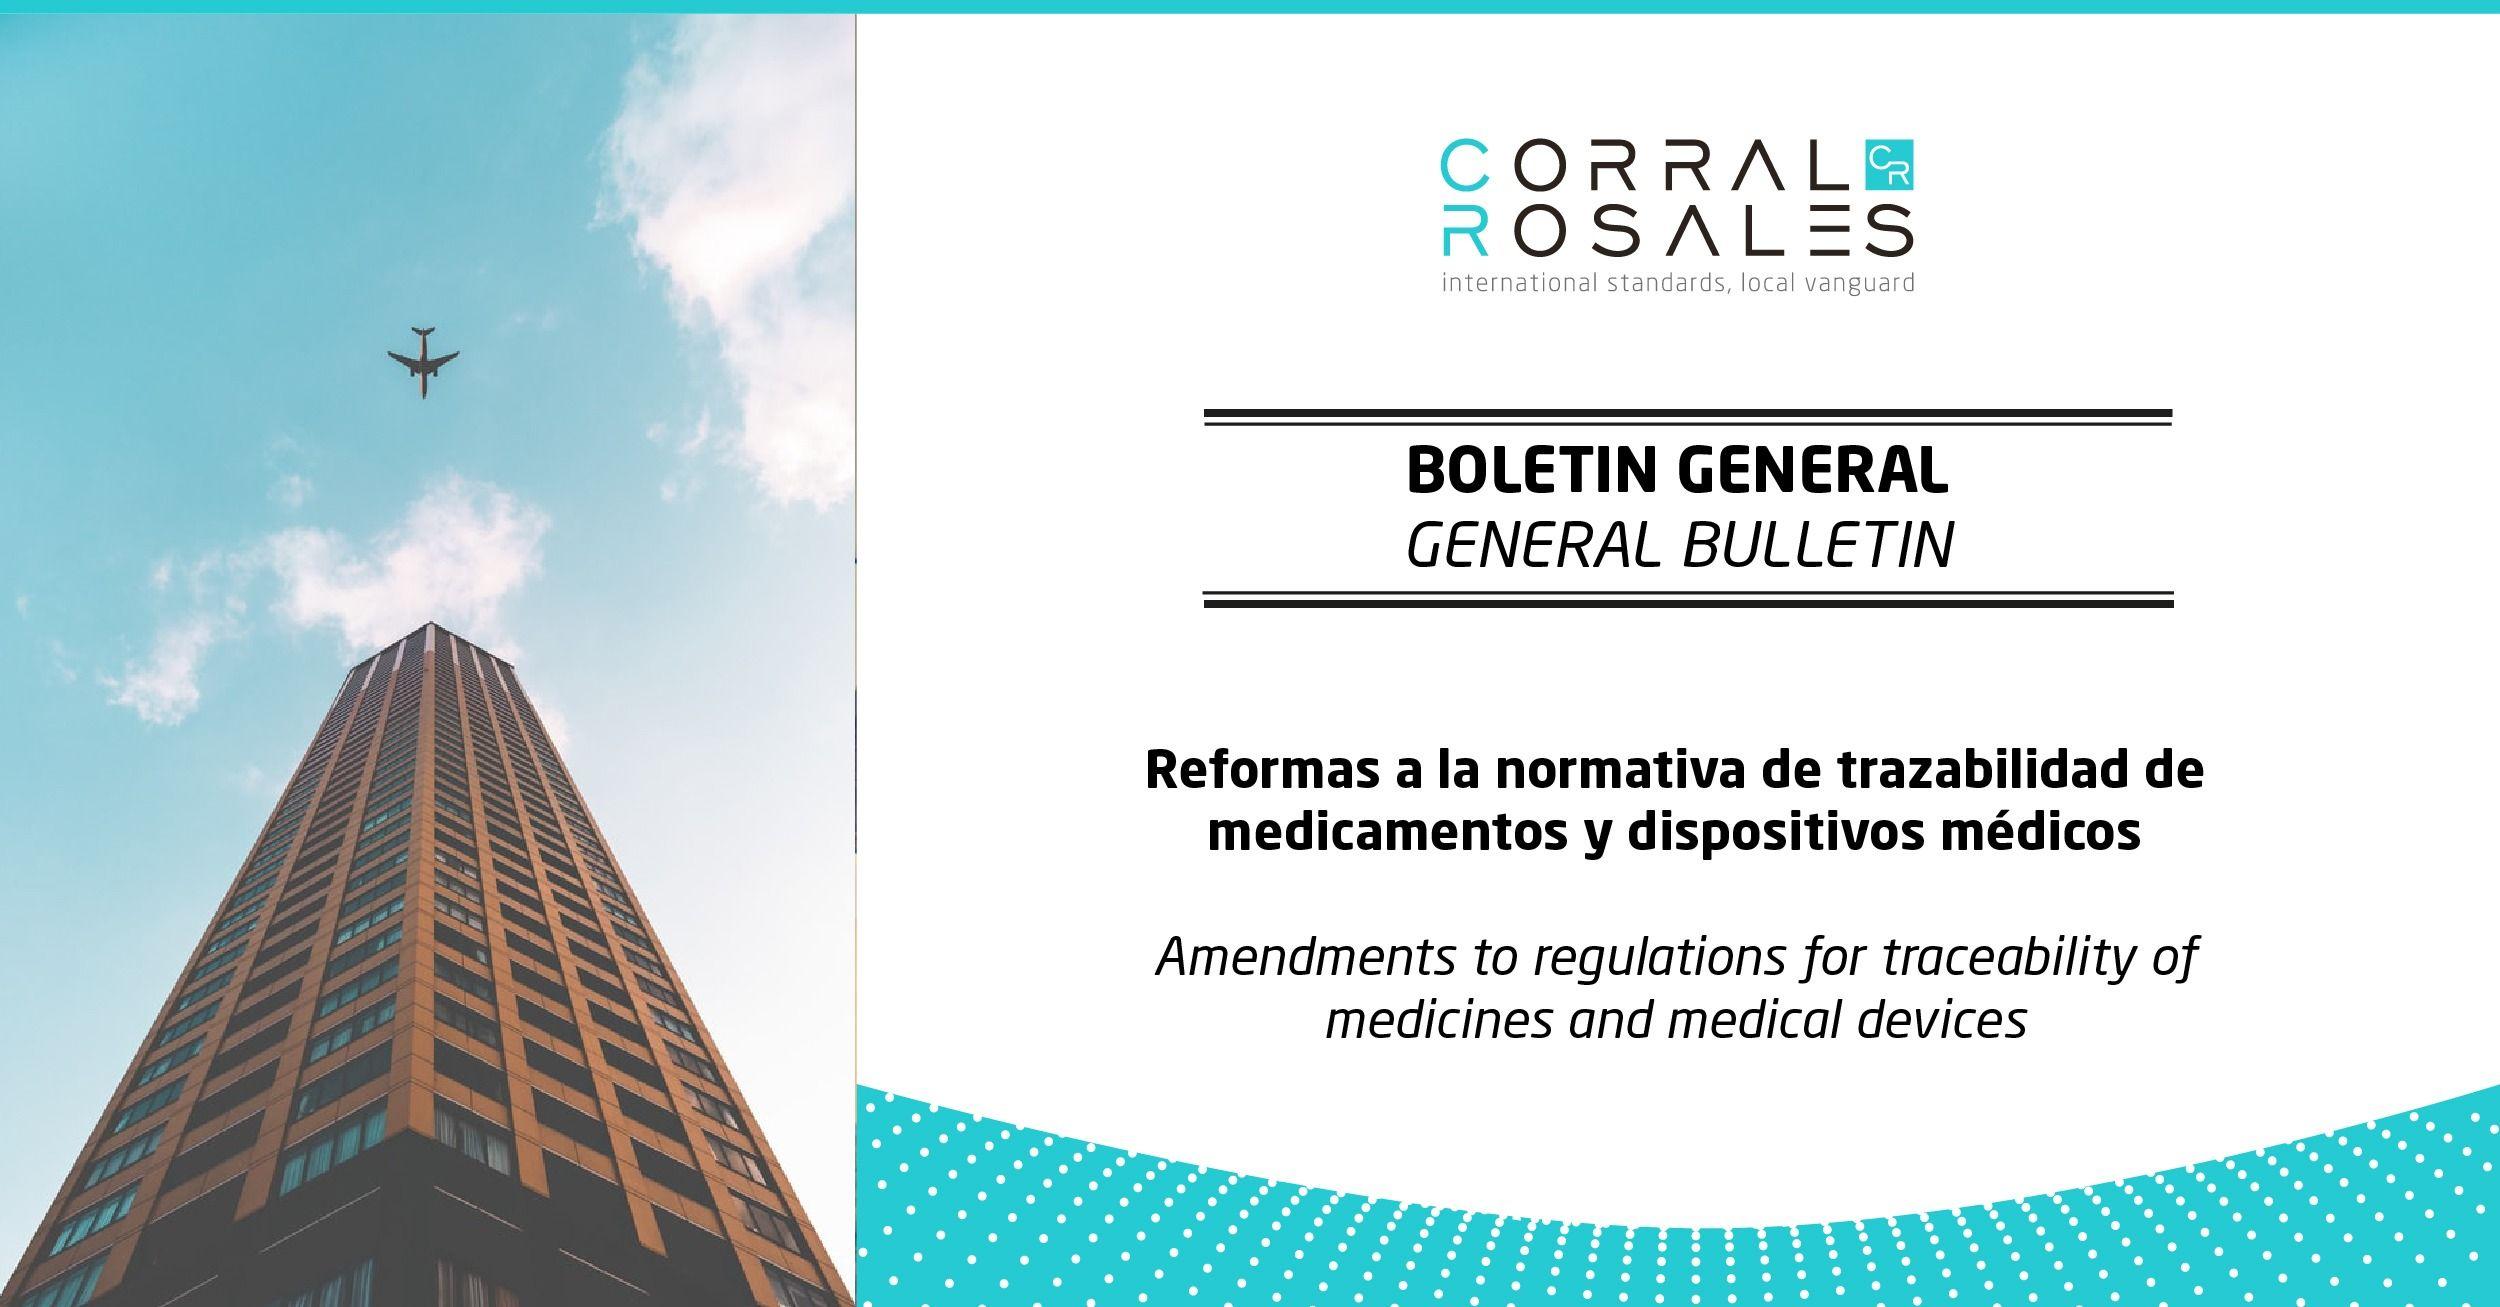 Reformas a la normativa de trazabilidad de medicamentos y dispositivos médicos - CorralRosales - Abogados en Ecuador